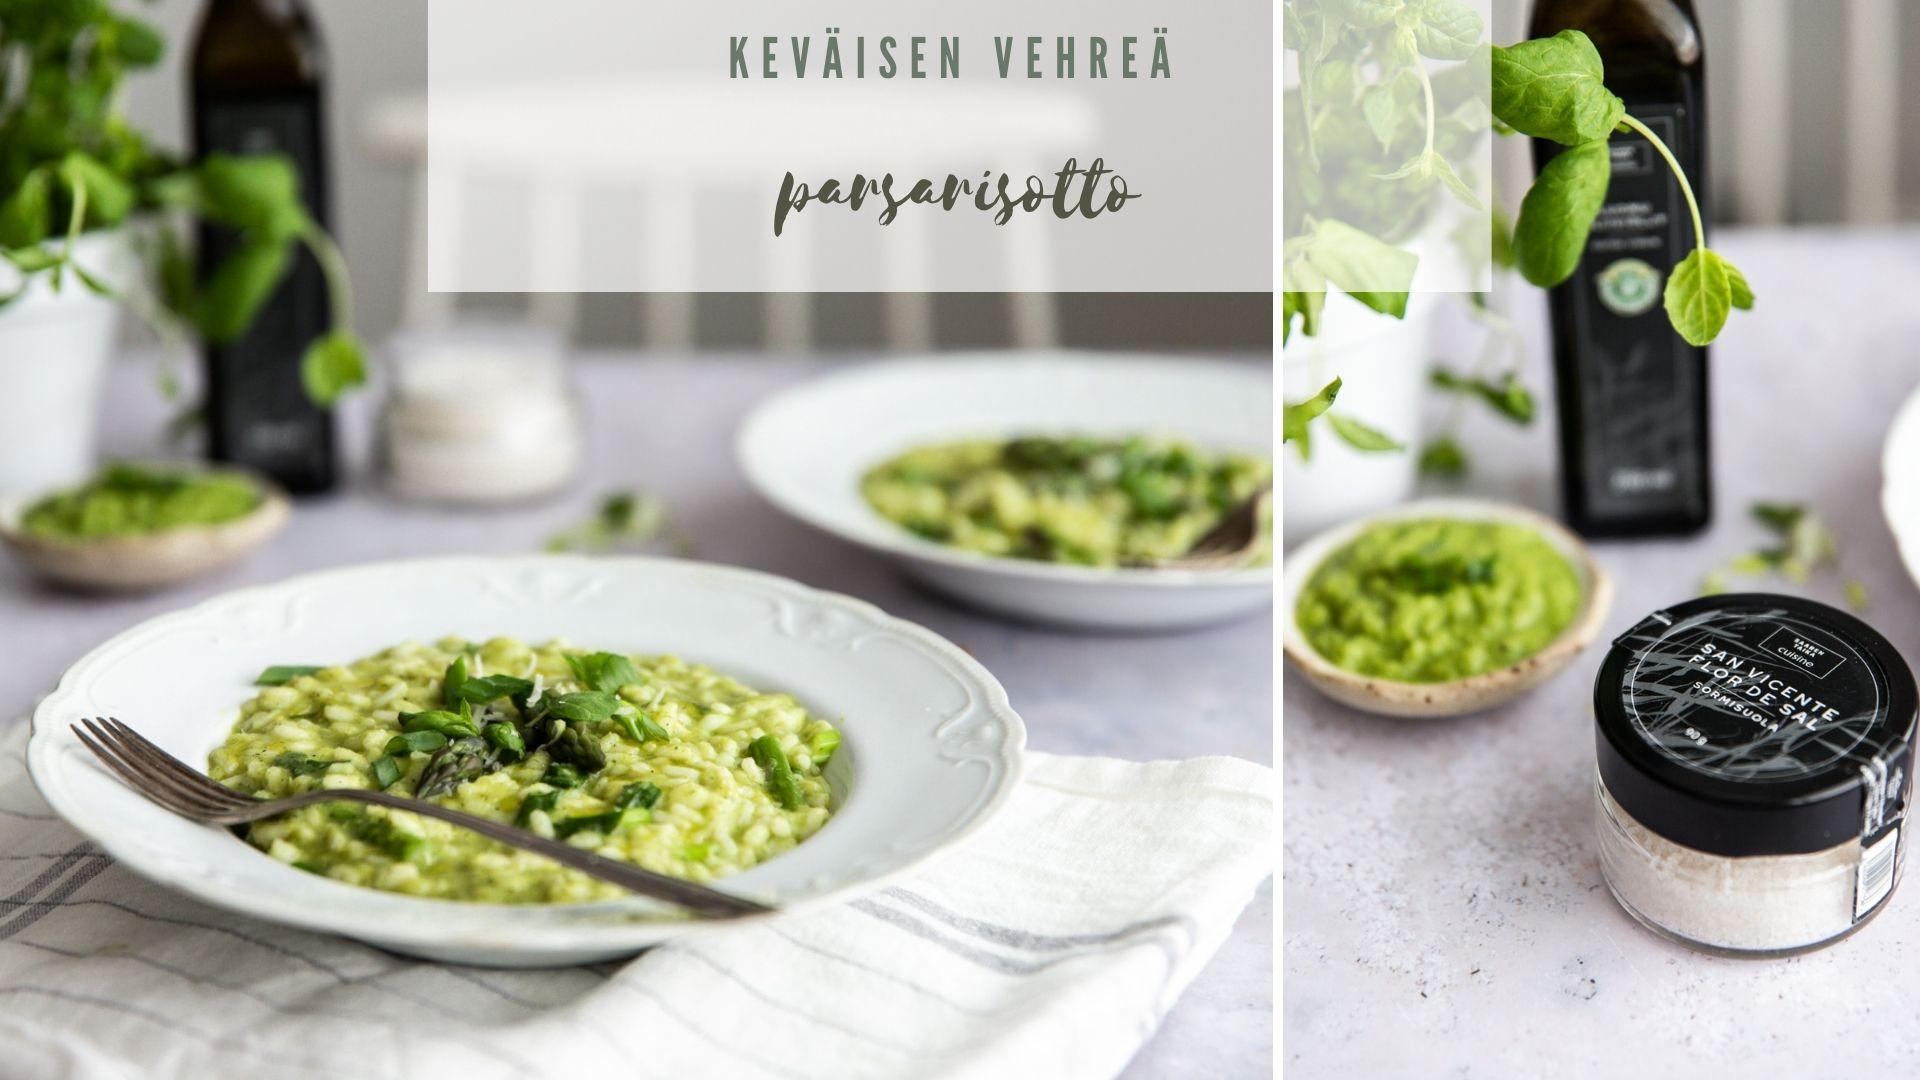 Keväisen vehreä parsarisotto